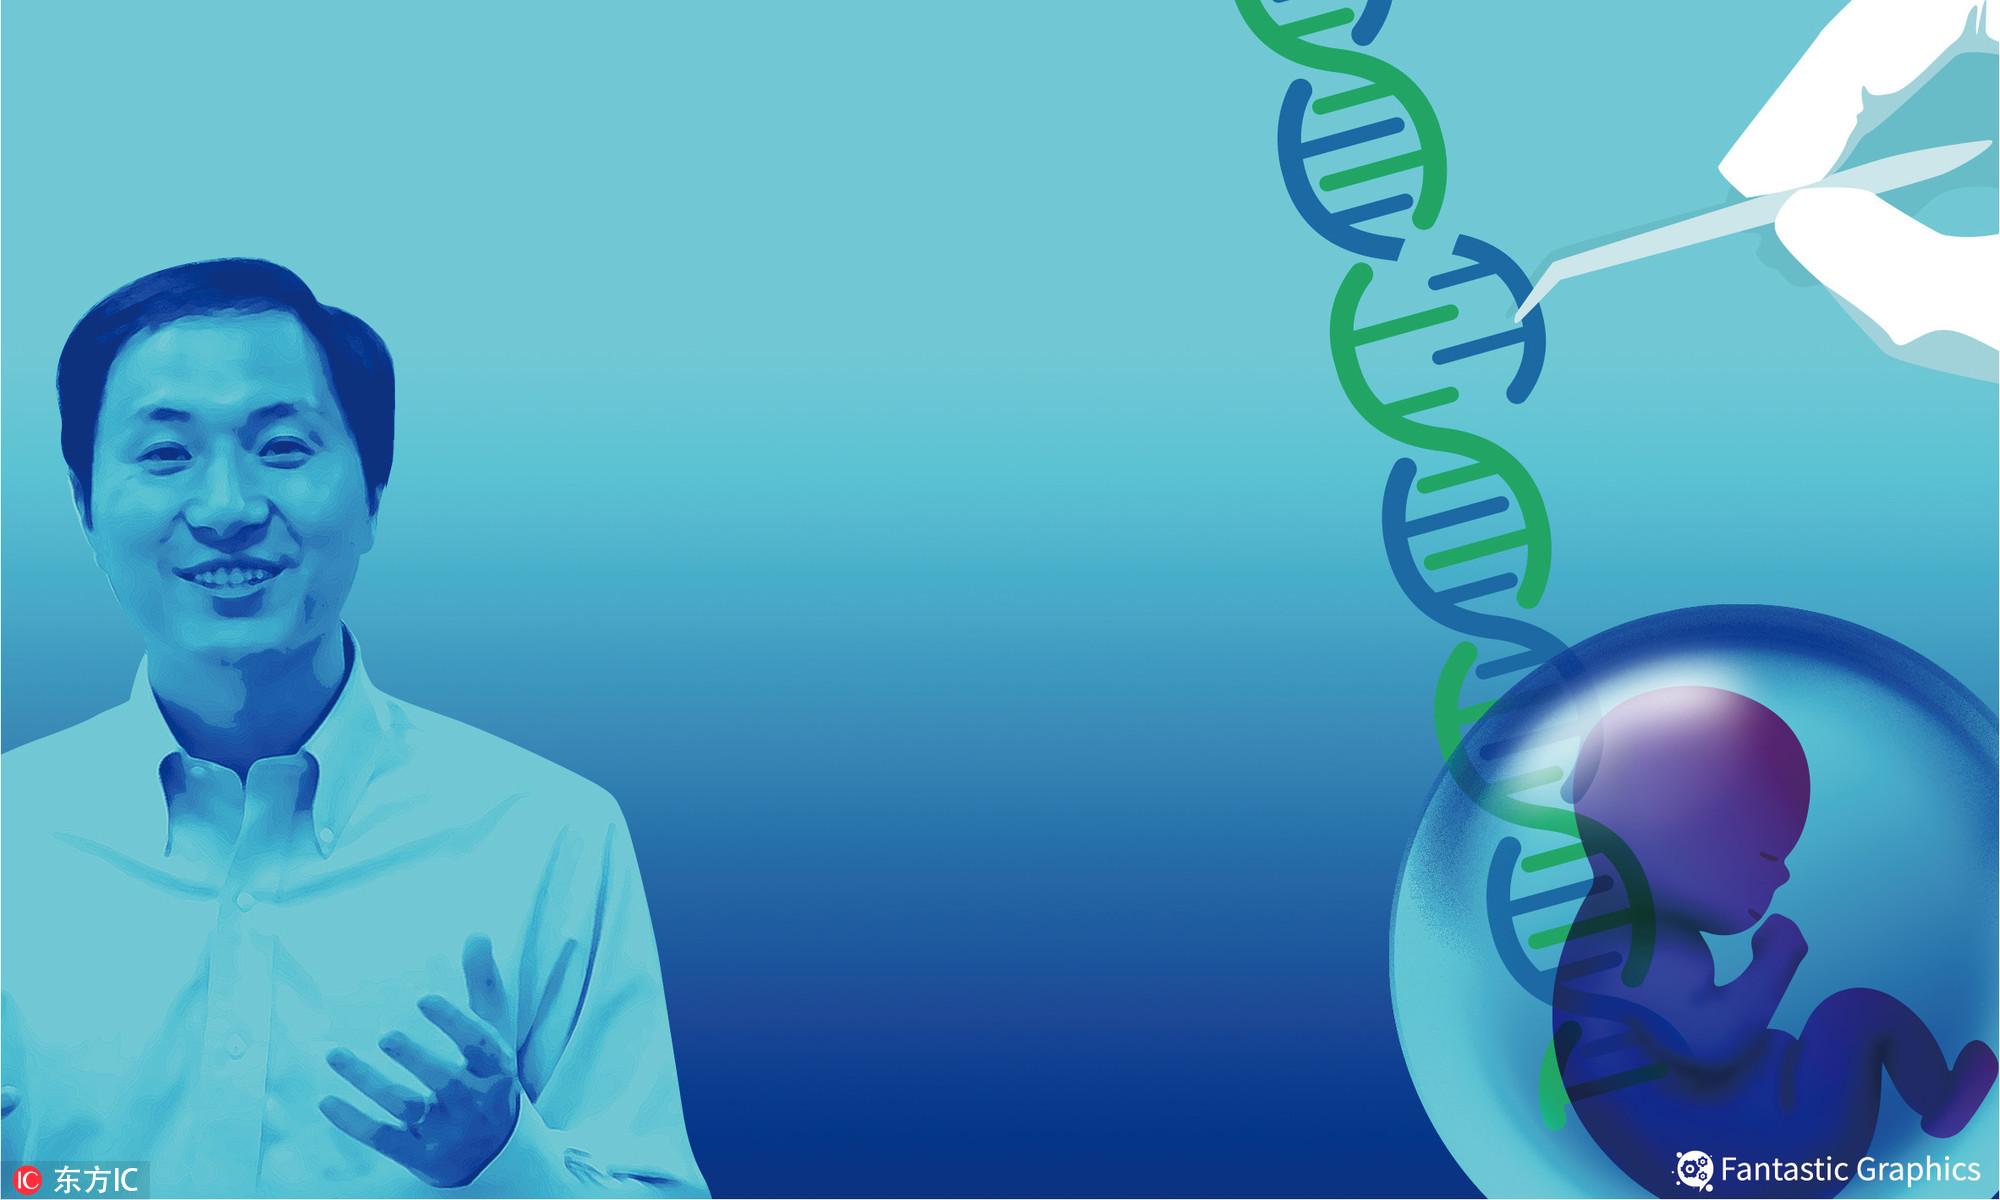 基因编辑婴儿背后的名利场